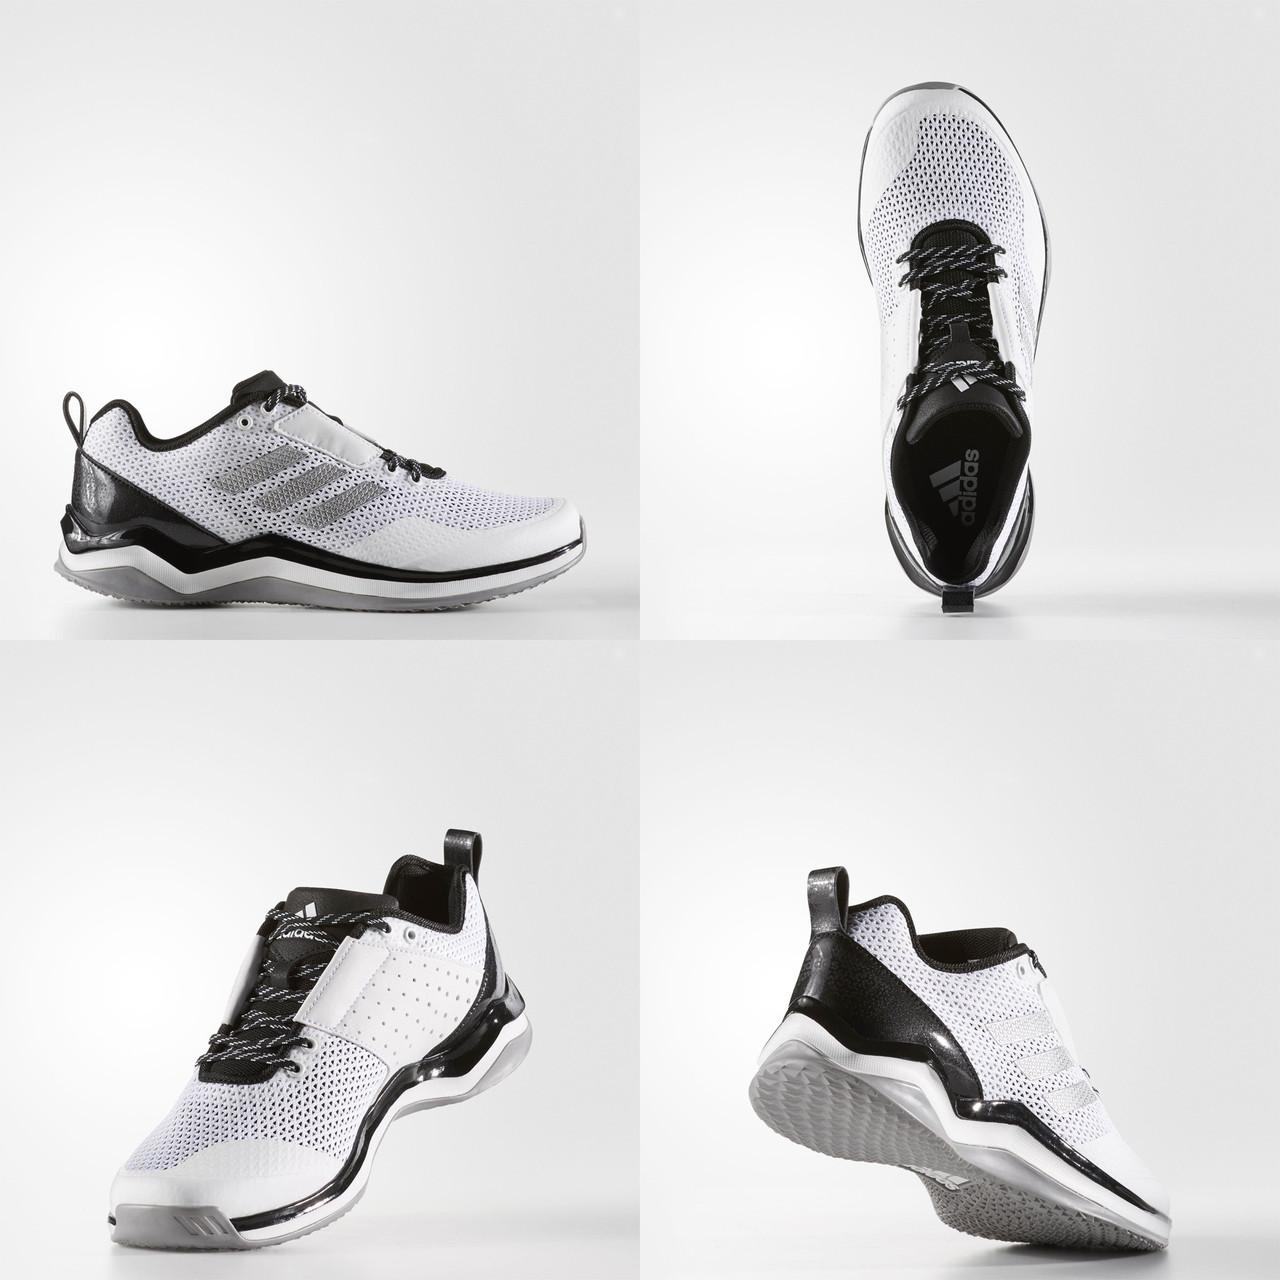 Продам кросівки Adidas Speed Trainer 3.0 0bab3d8079af4